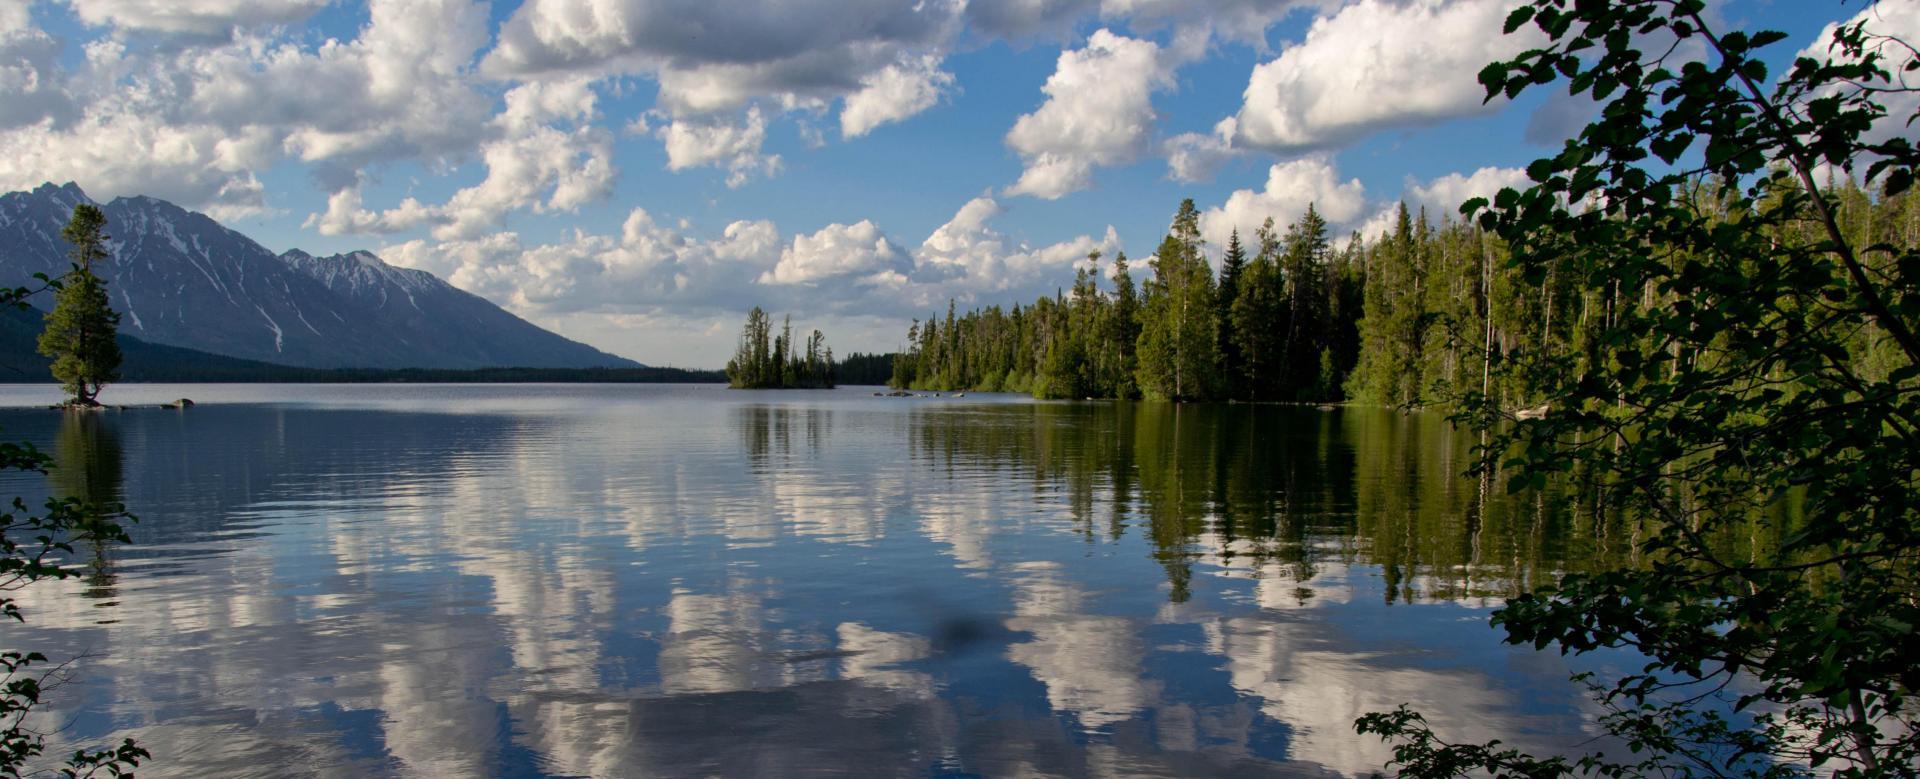 Voyage à pied Canada : La magie du grand ouest canadien